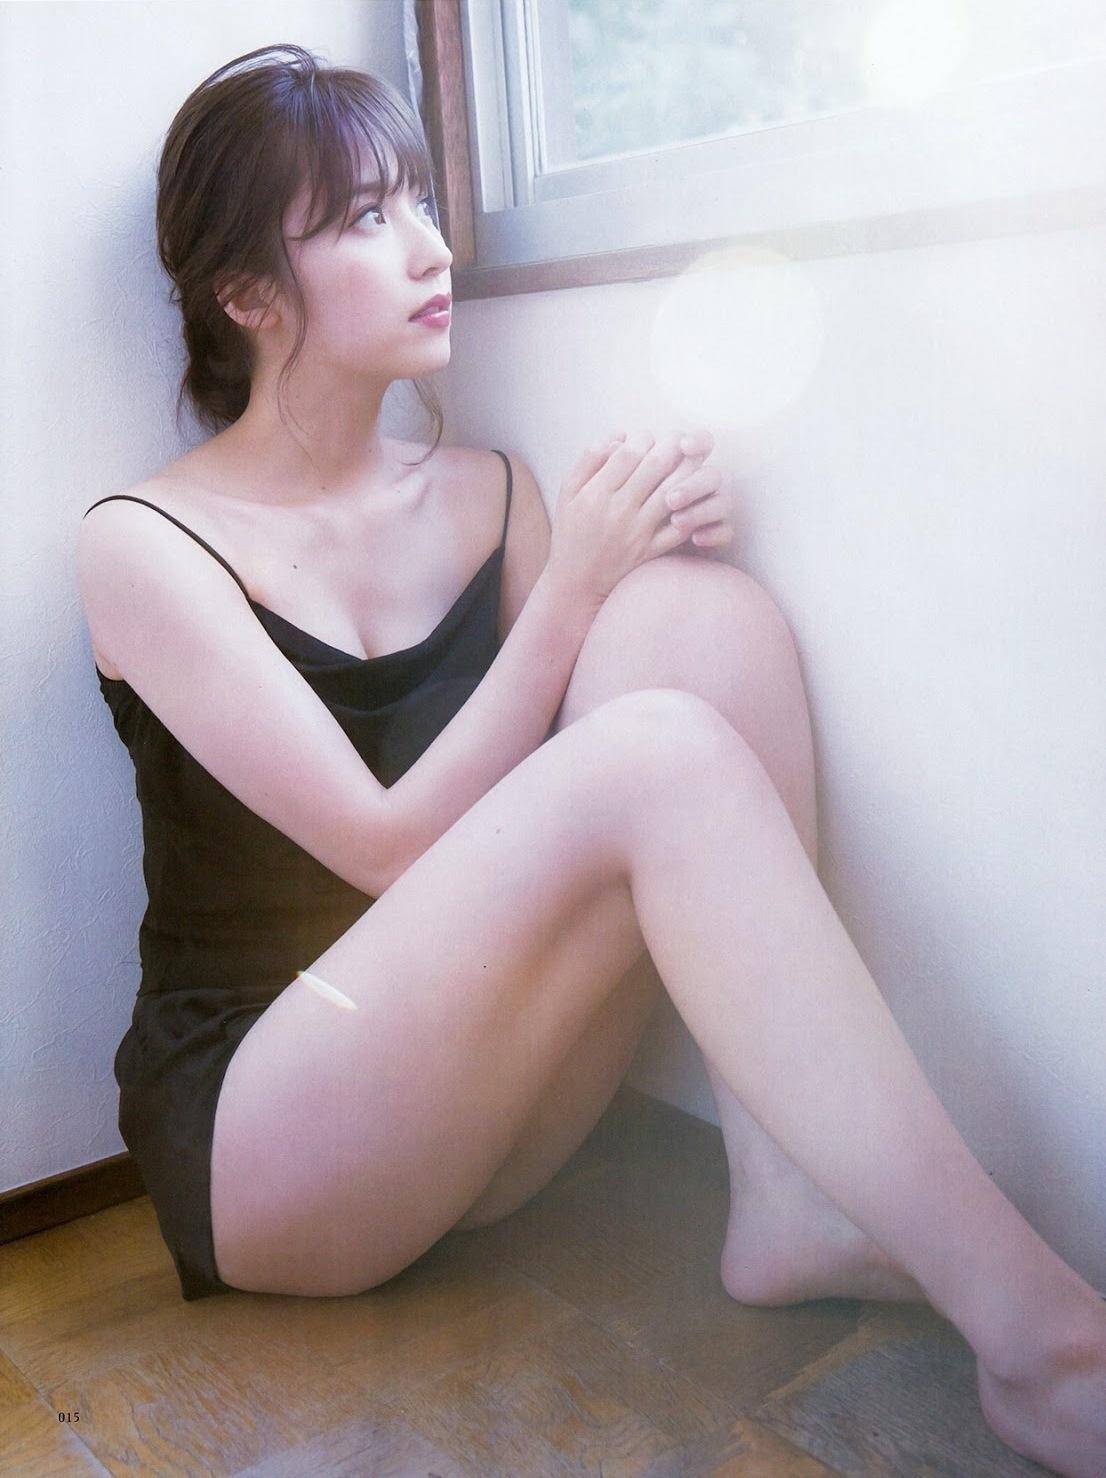 2018 青年福利微刊第 266 期:近我者甜呀